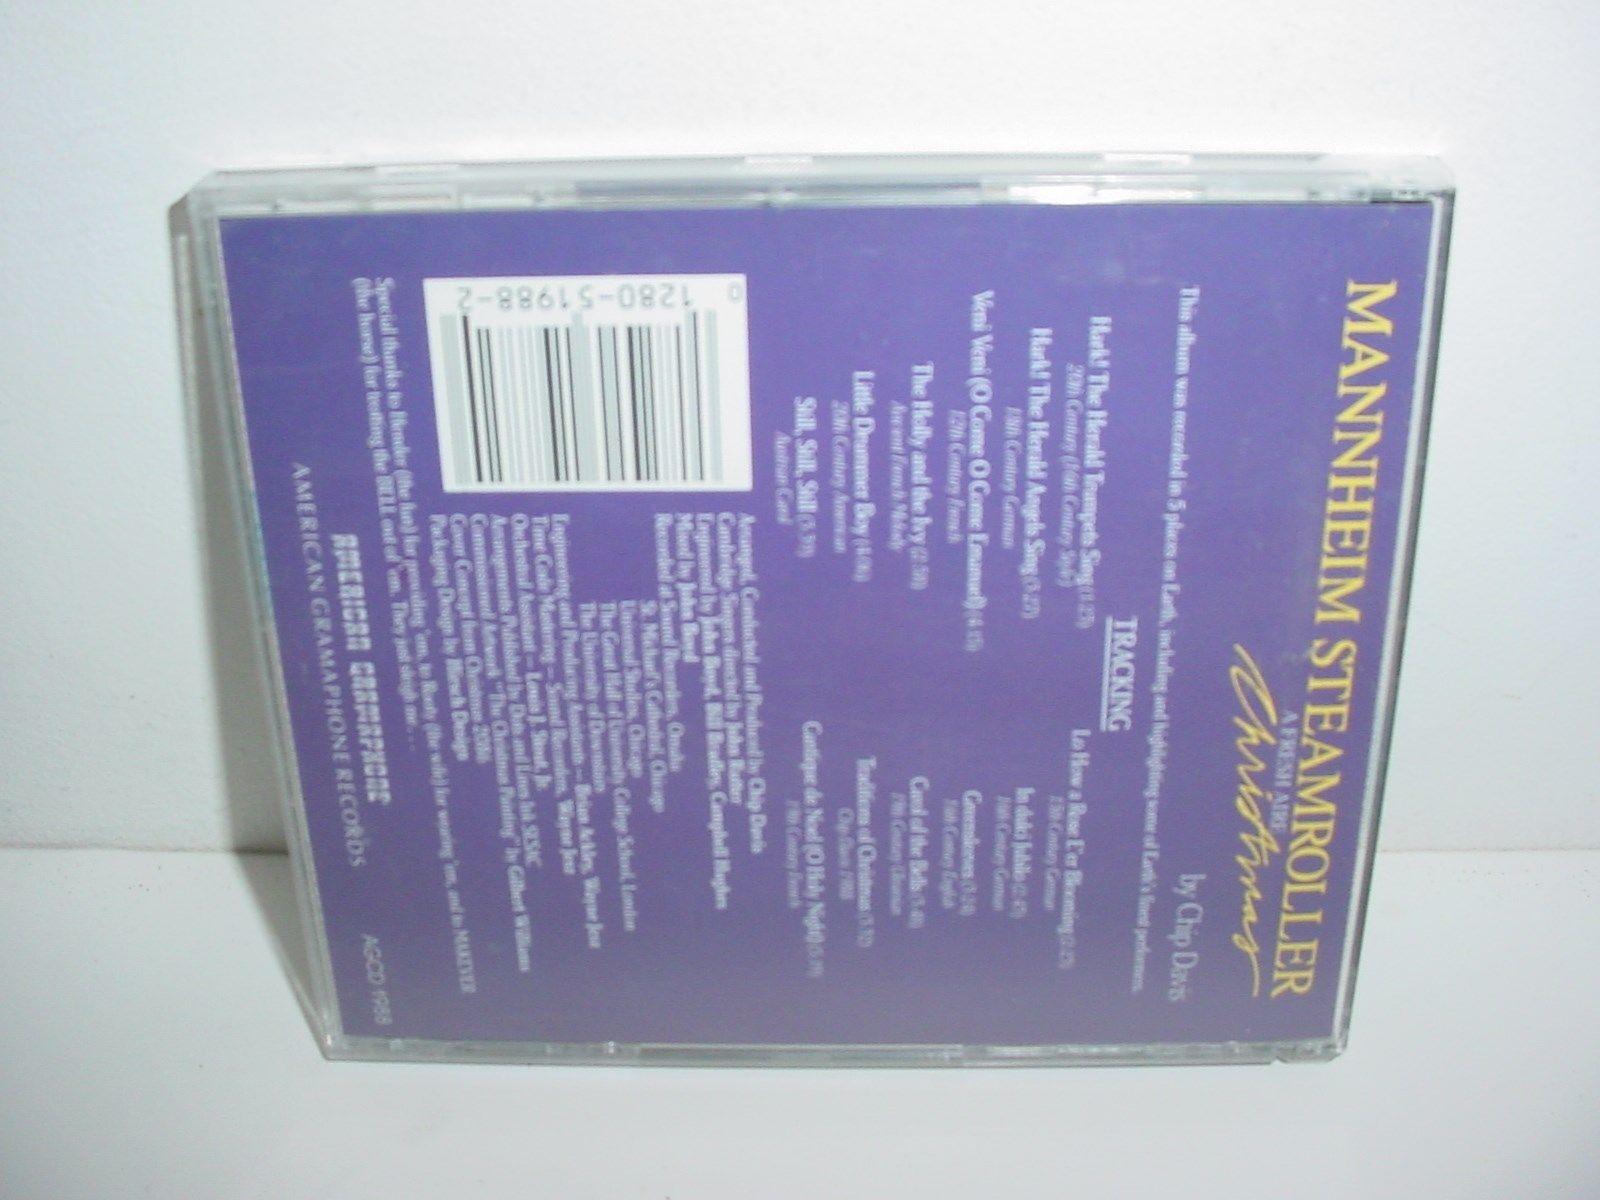 Mannheim Steamroller A Fresh Aire Christmas CD Music